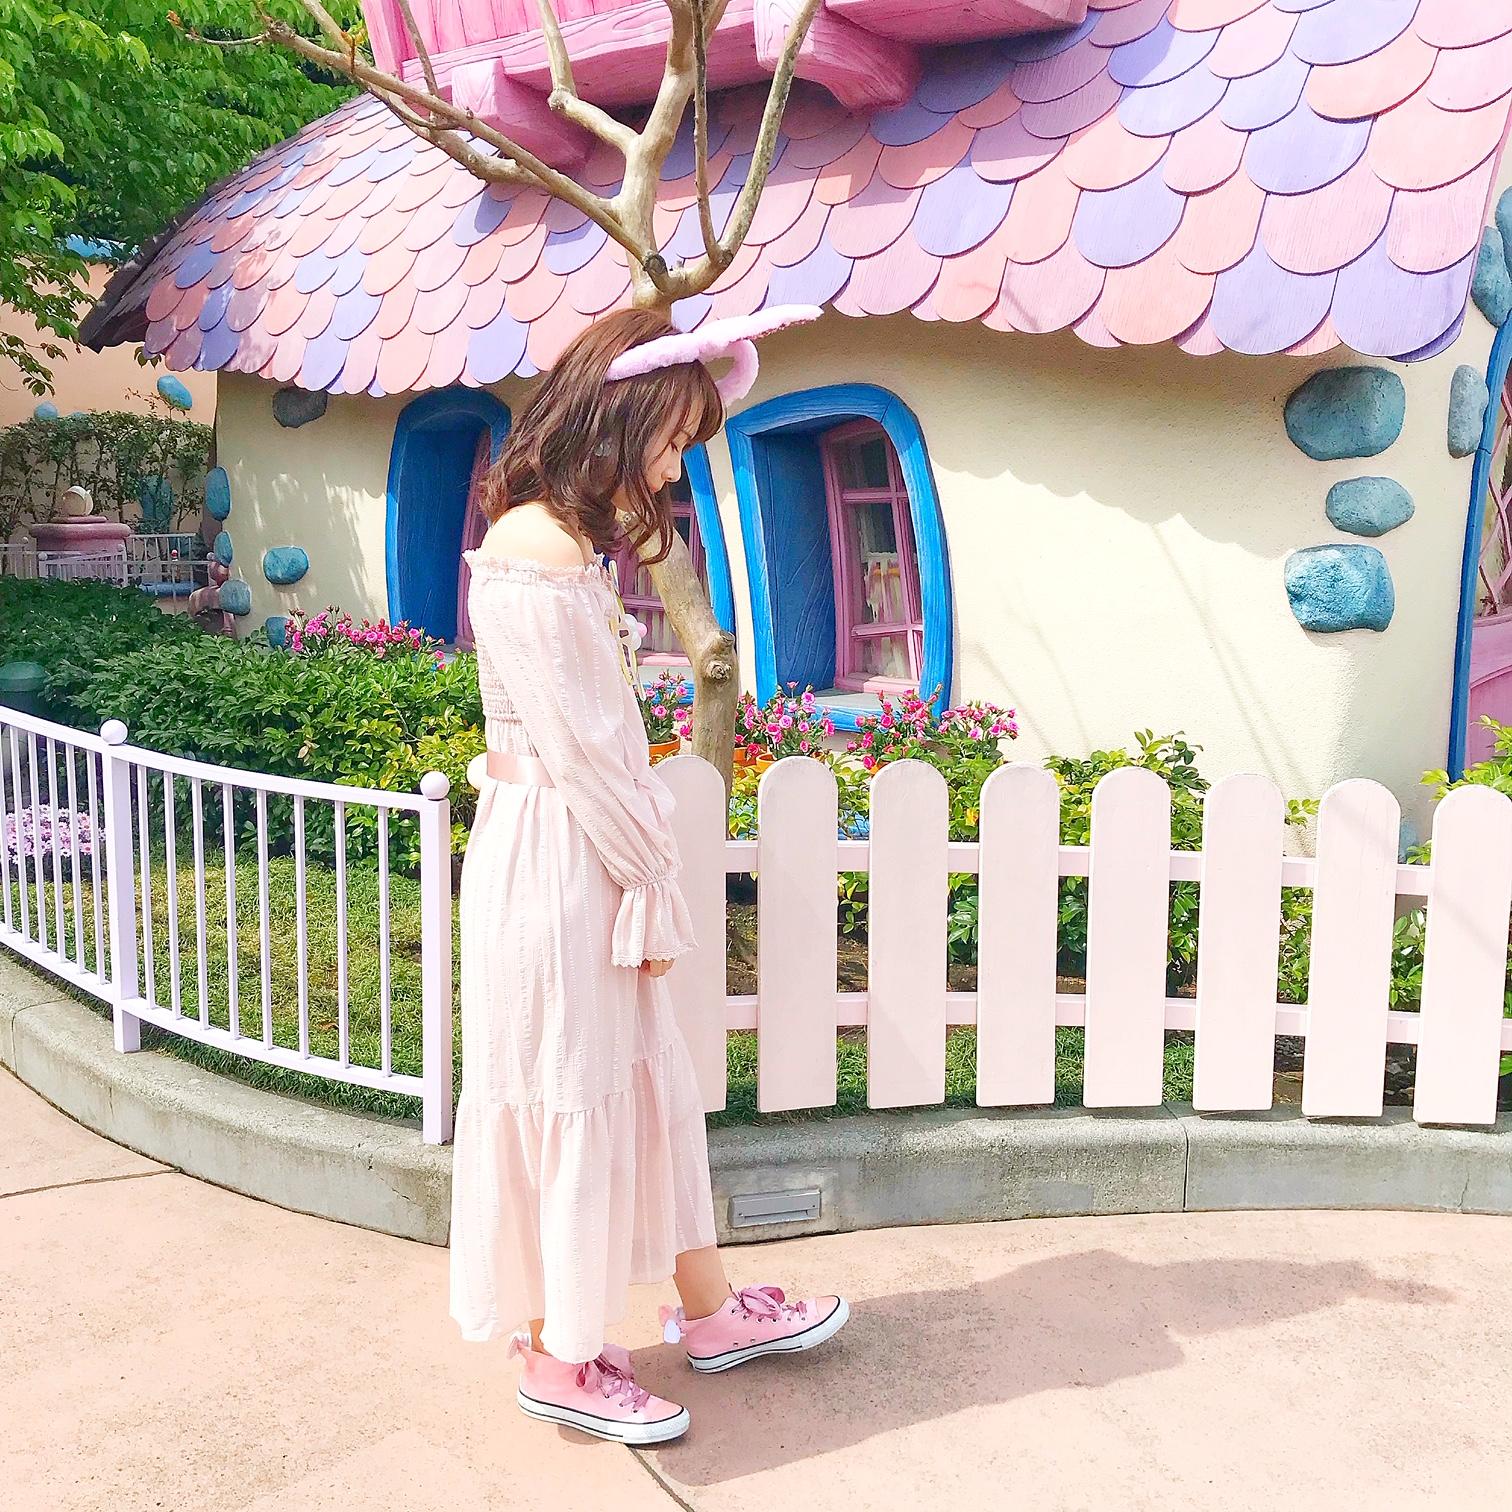 【れいかのヒロインコーデvol.1】今年のディズニーイースターなら断然ピンクコーデ♡_1